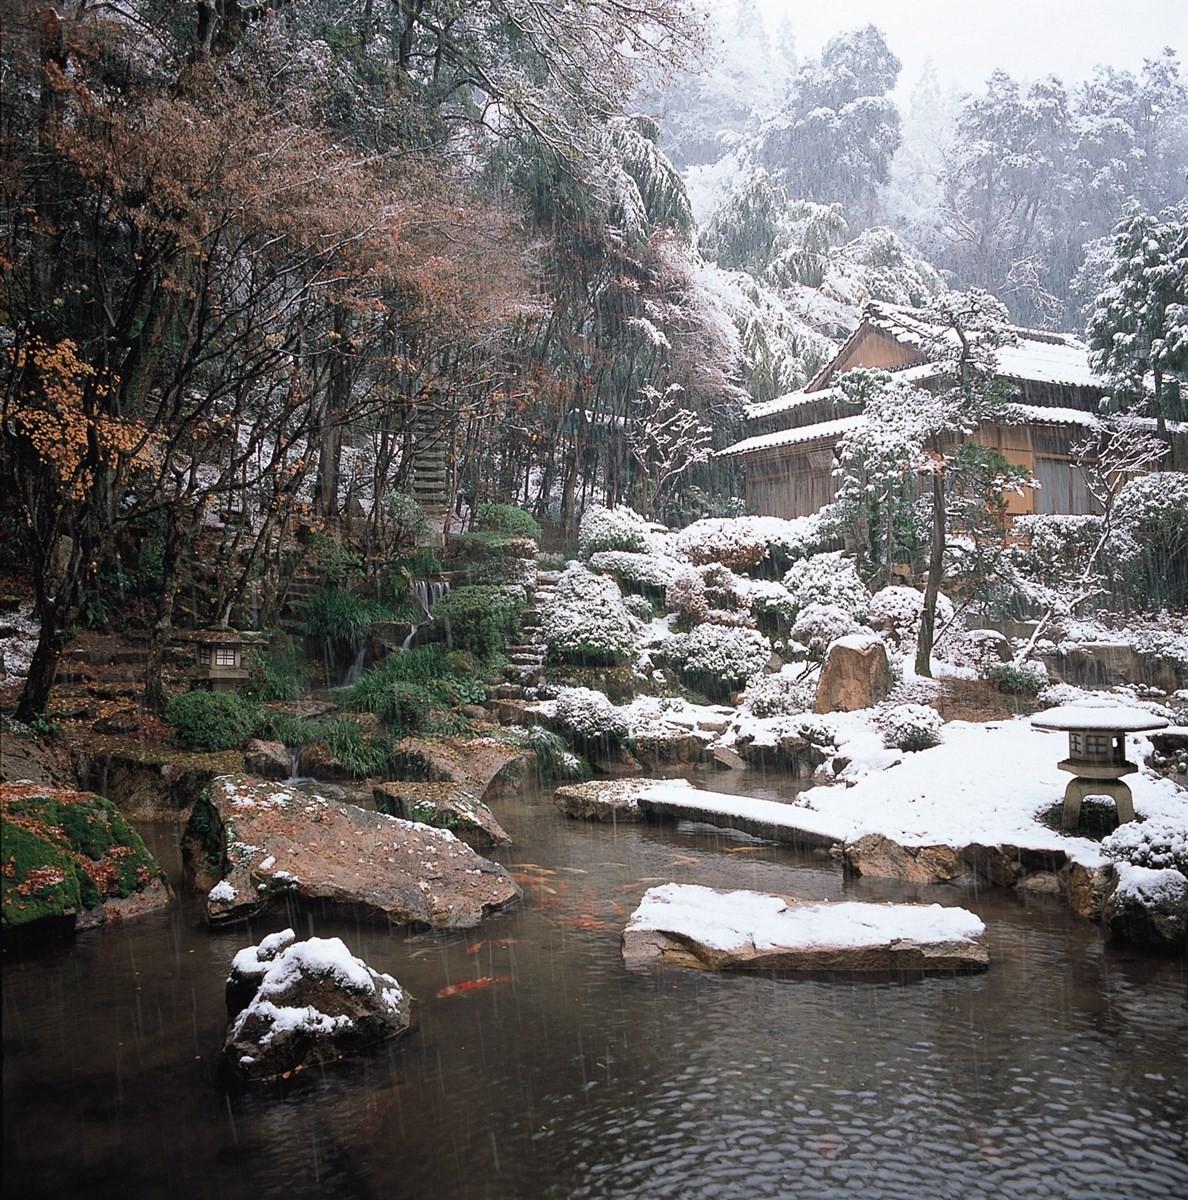 冬天被純白積雪覆蓋的庭院